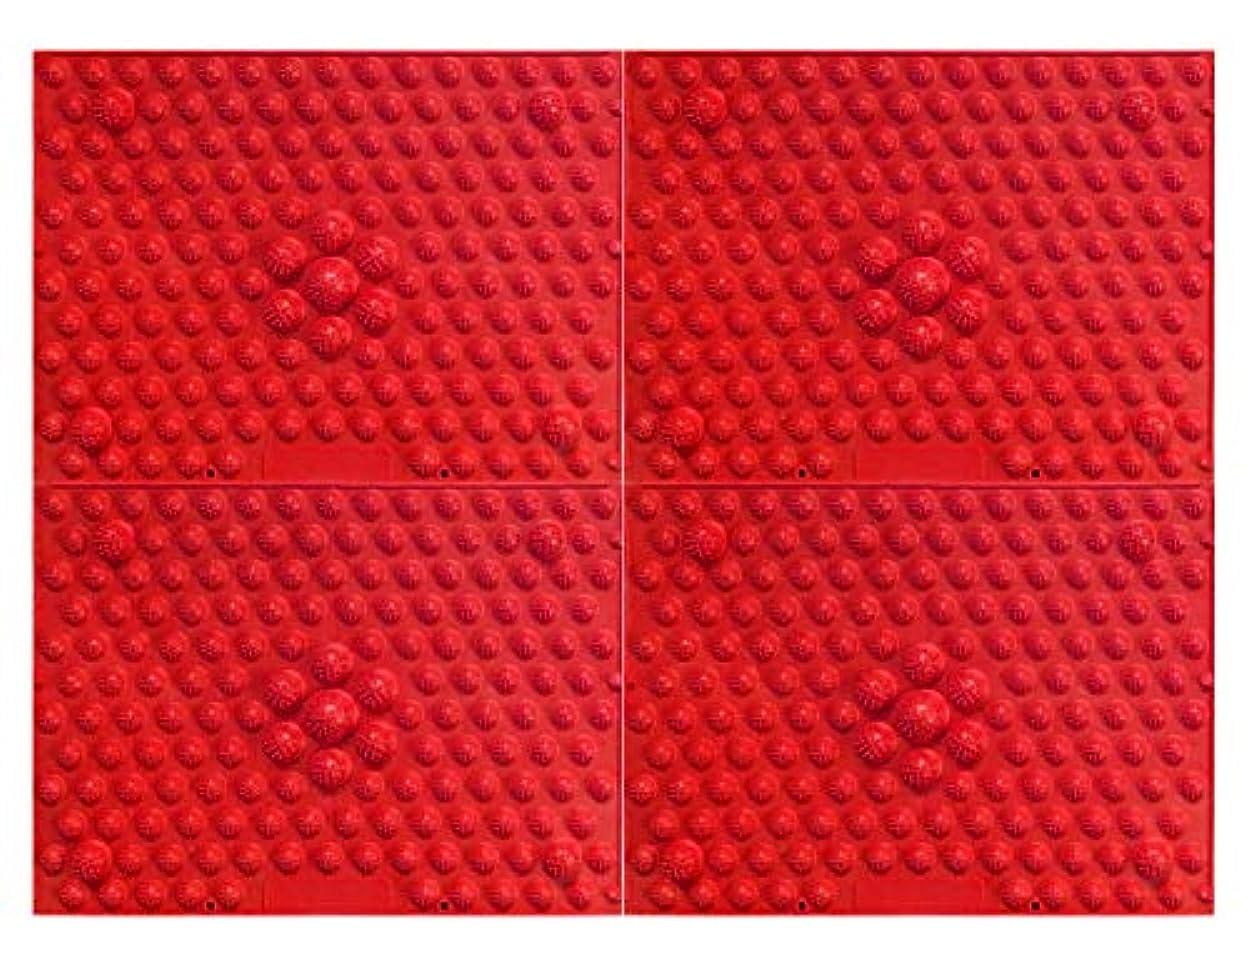 粘り強いブロックラッシュ縦横自由自在足踏みマット4枚セット (赤)